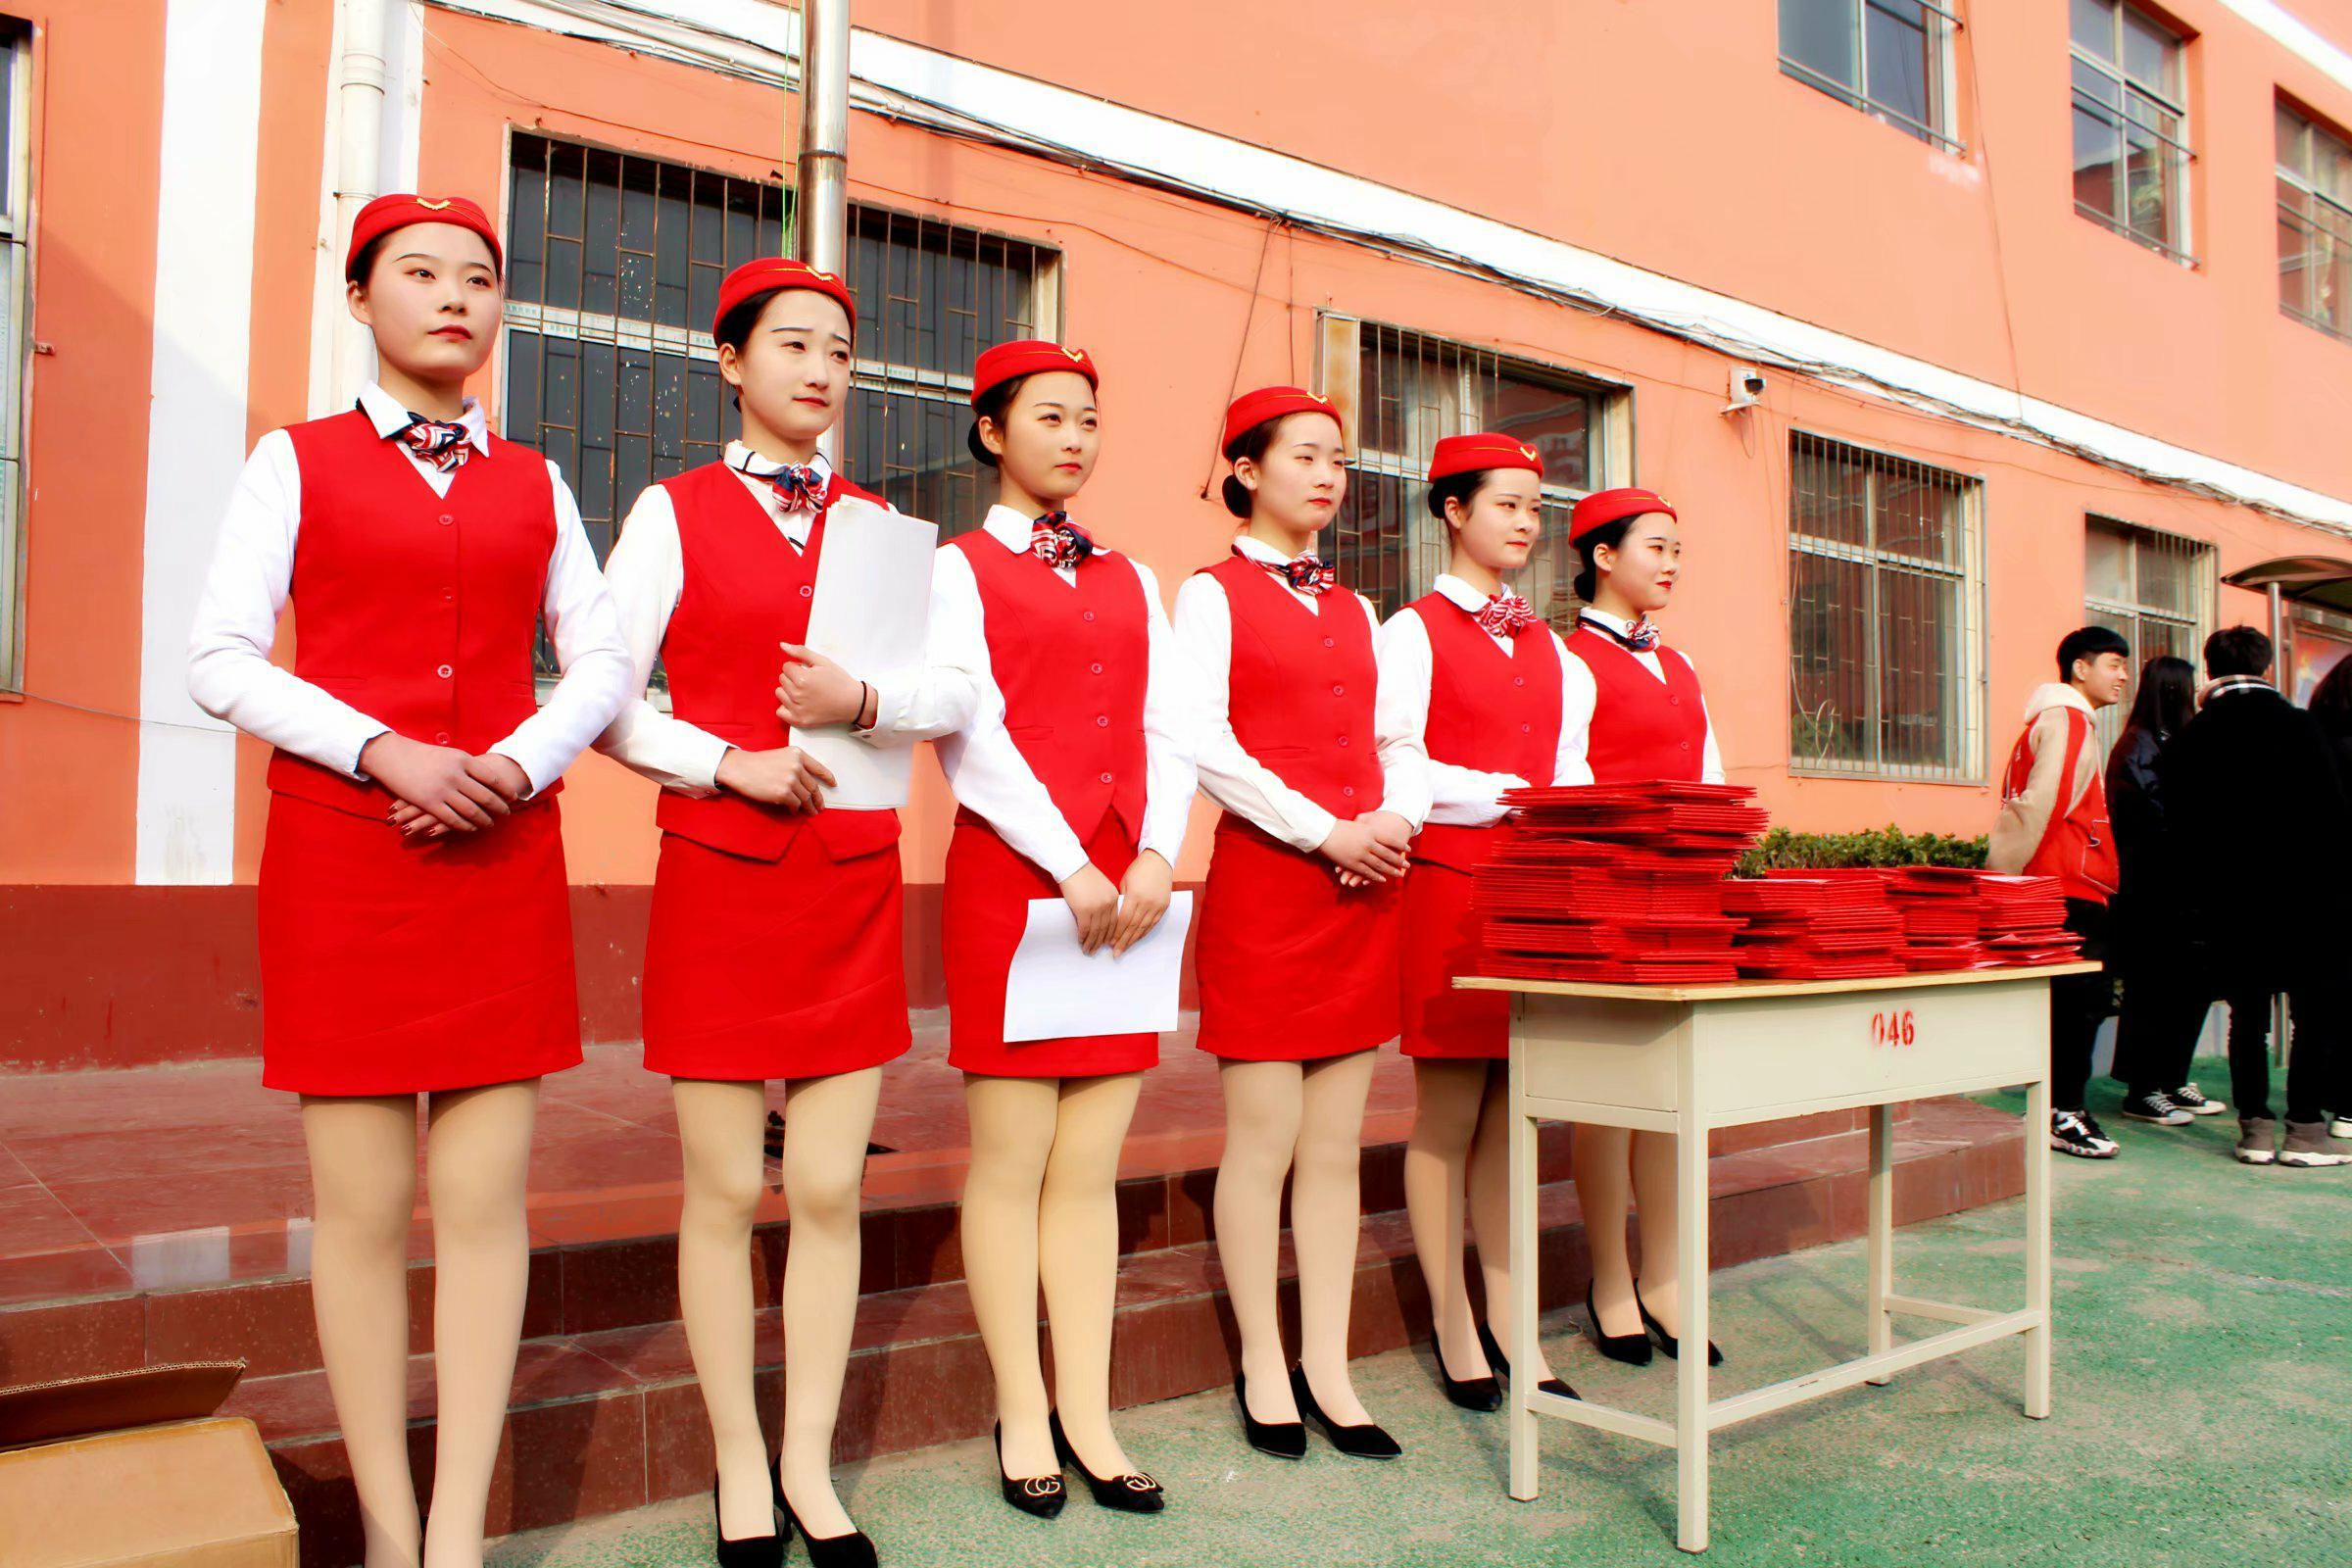 高鐵航空乘務